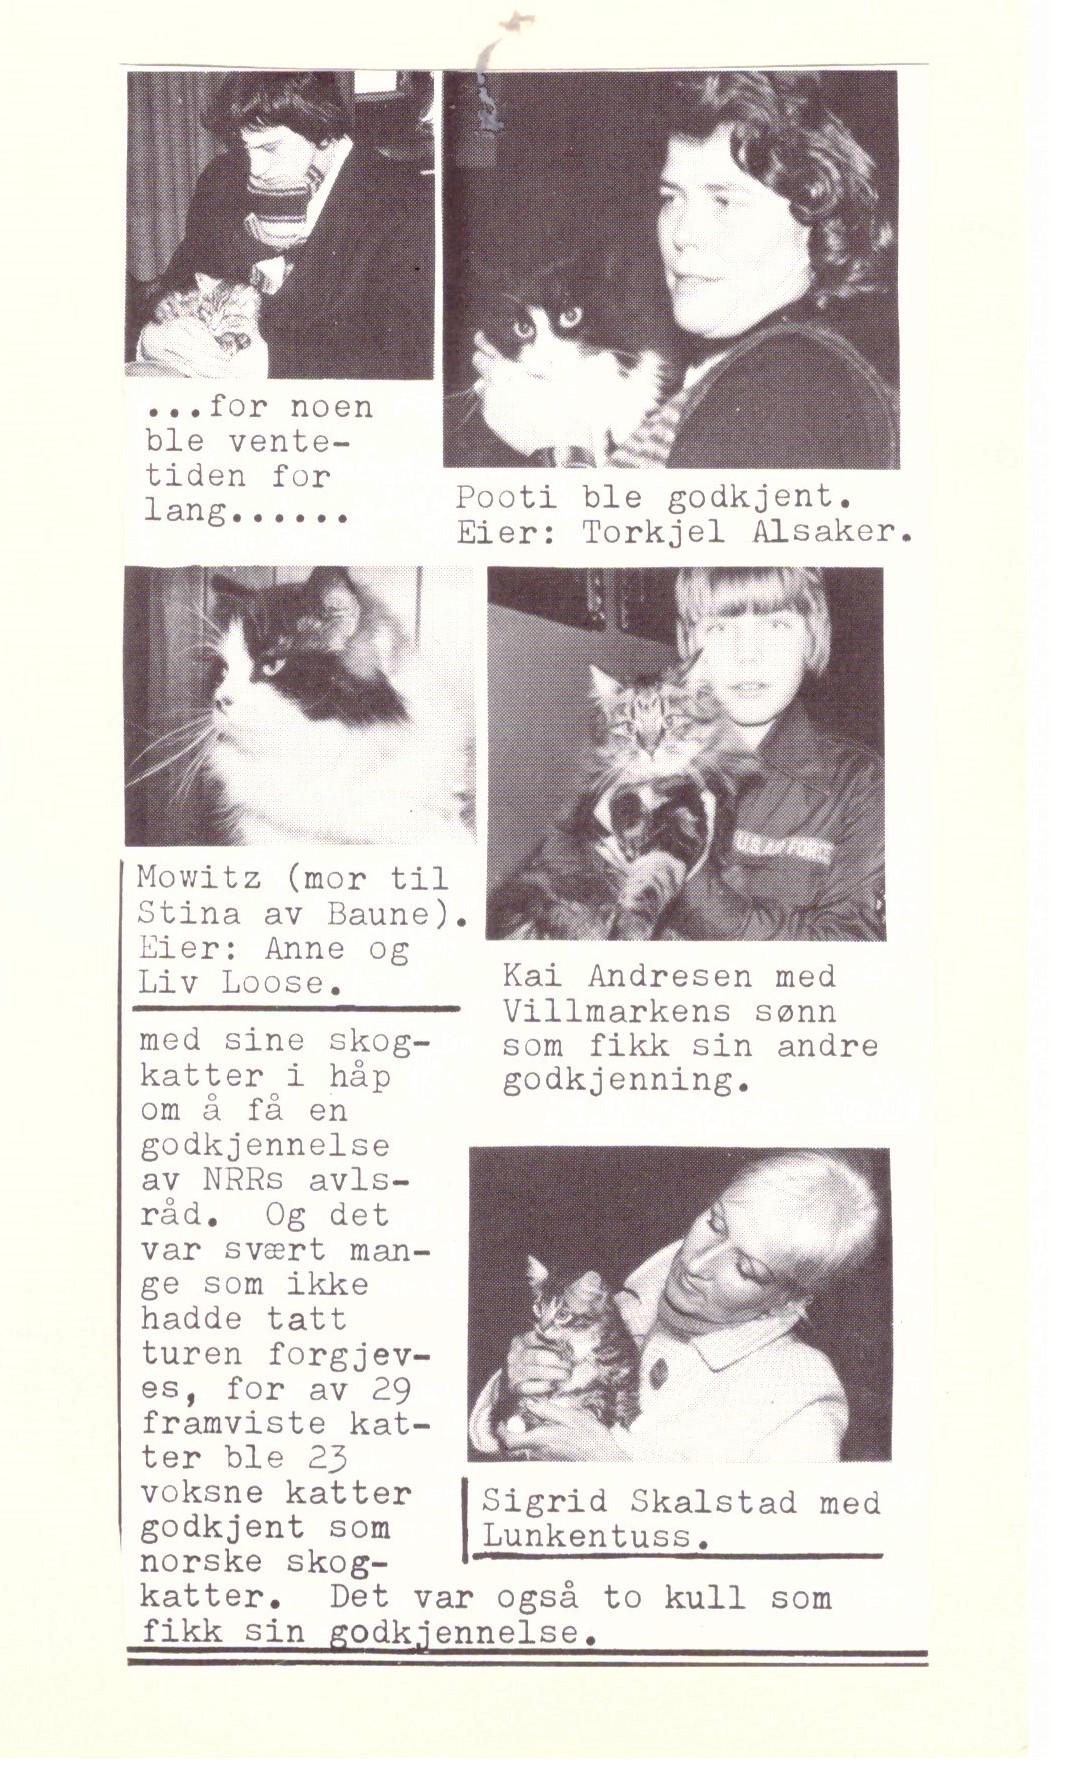 Godkendelse af skovkatte. Ca. 1978